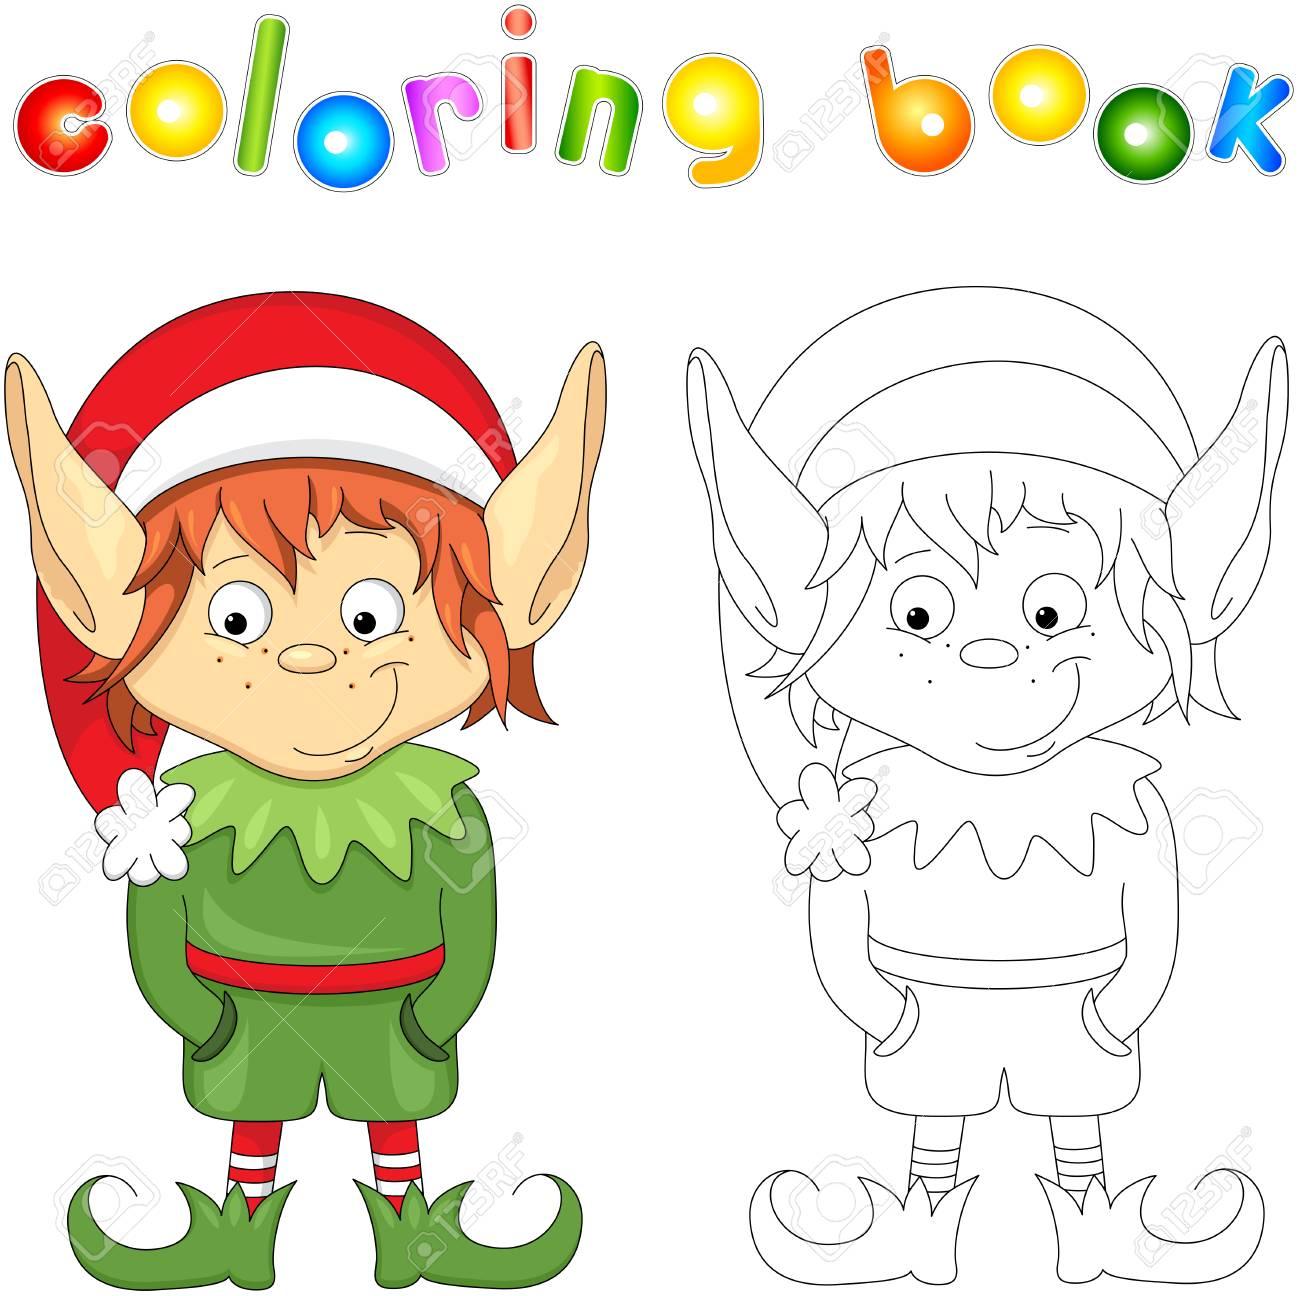 Encantador Duende De Navidad Para Colorear Para Niños Composición ...